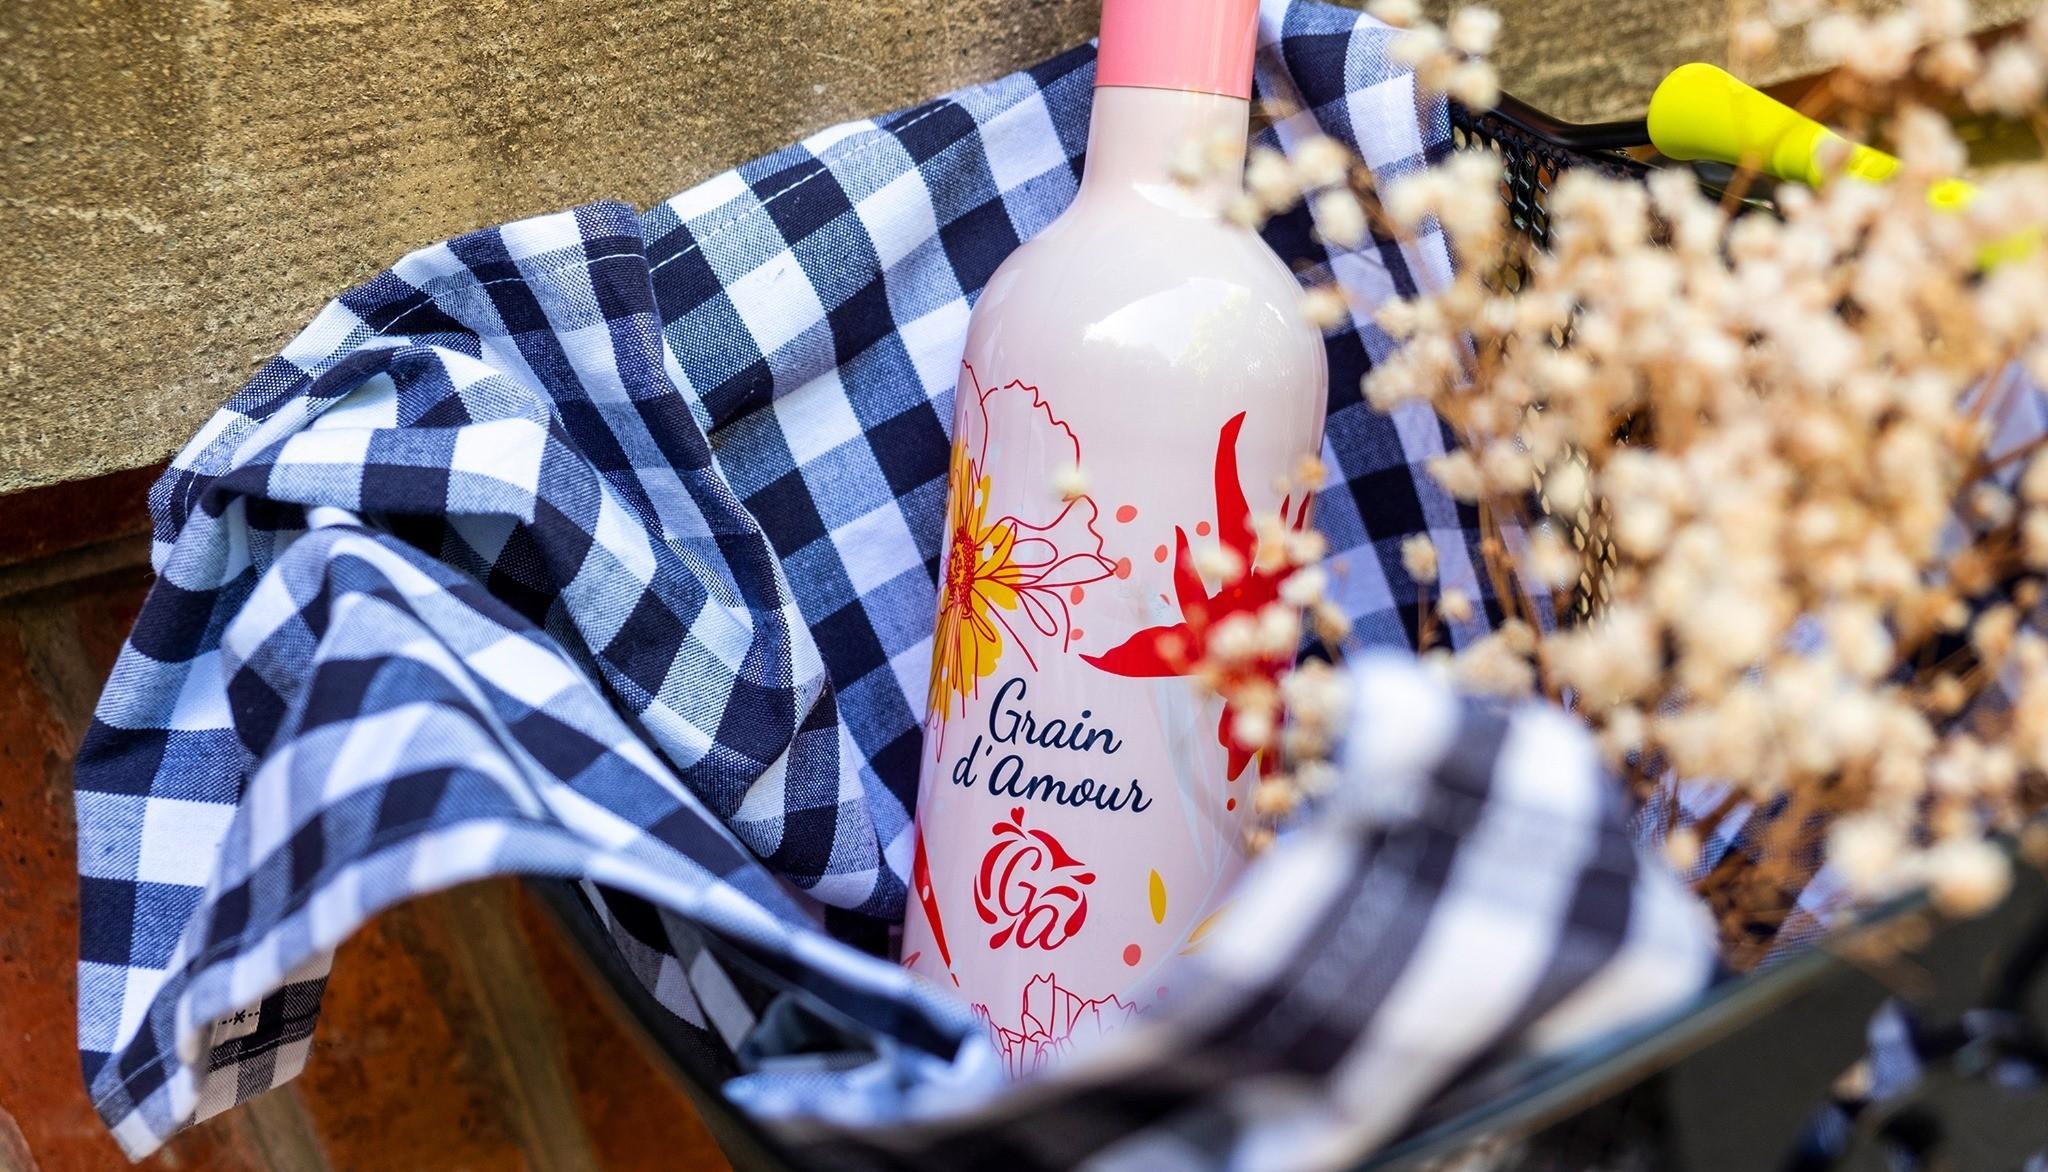 Vin rosé Grain d'amour - Vignerons du Brulhois